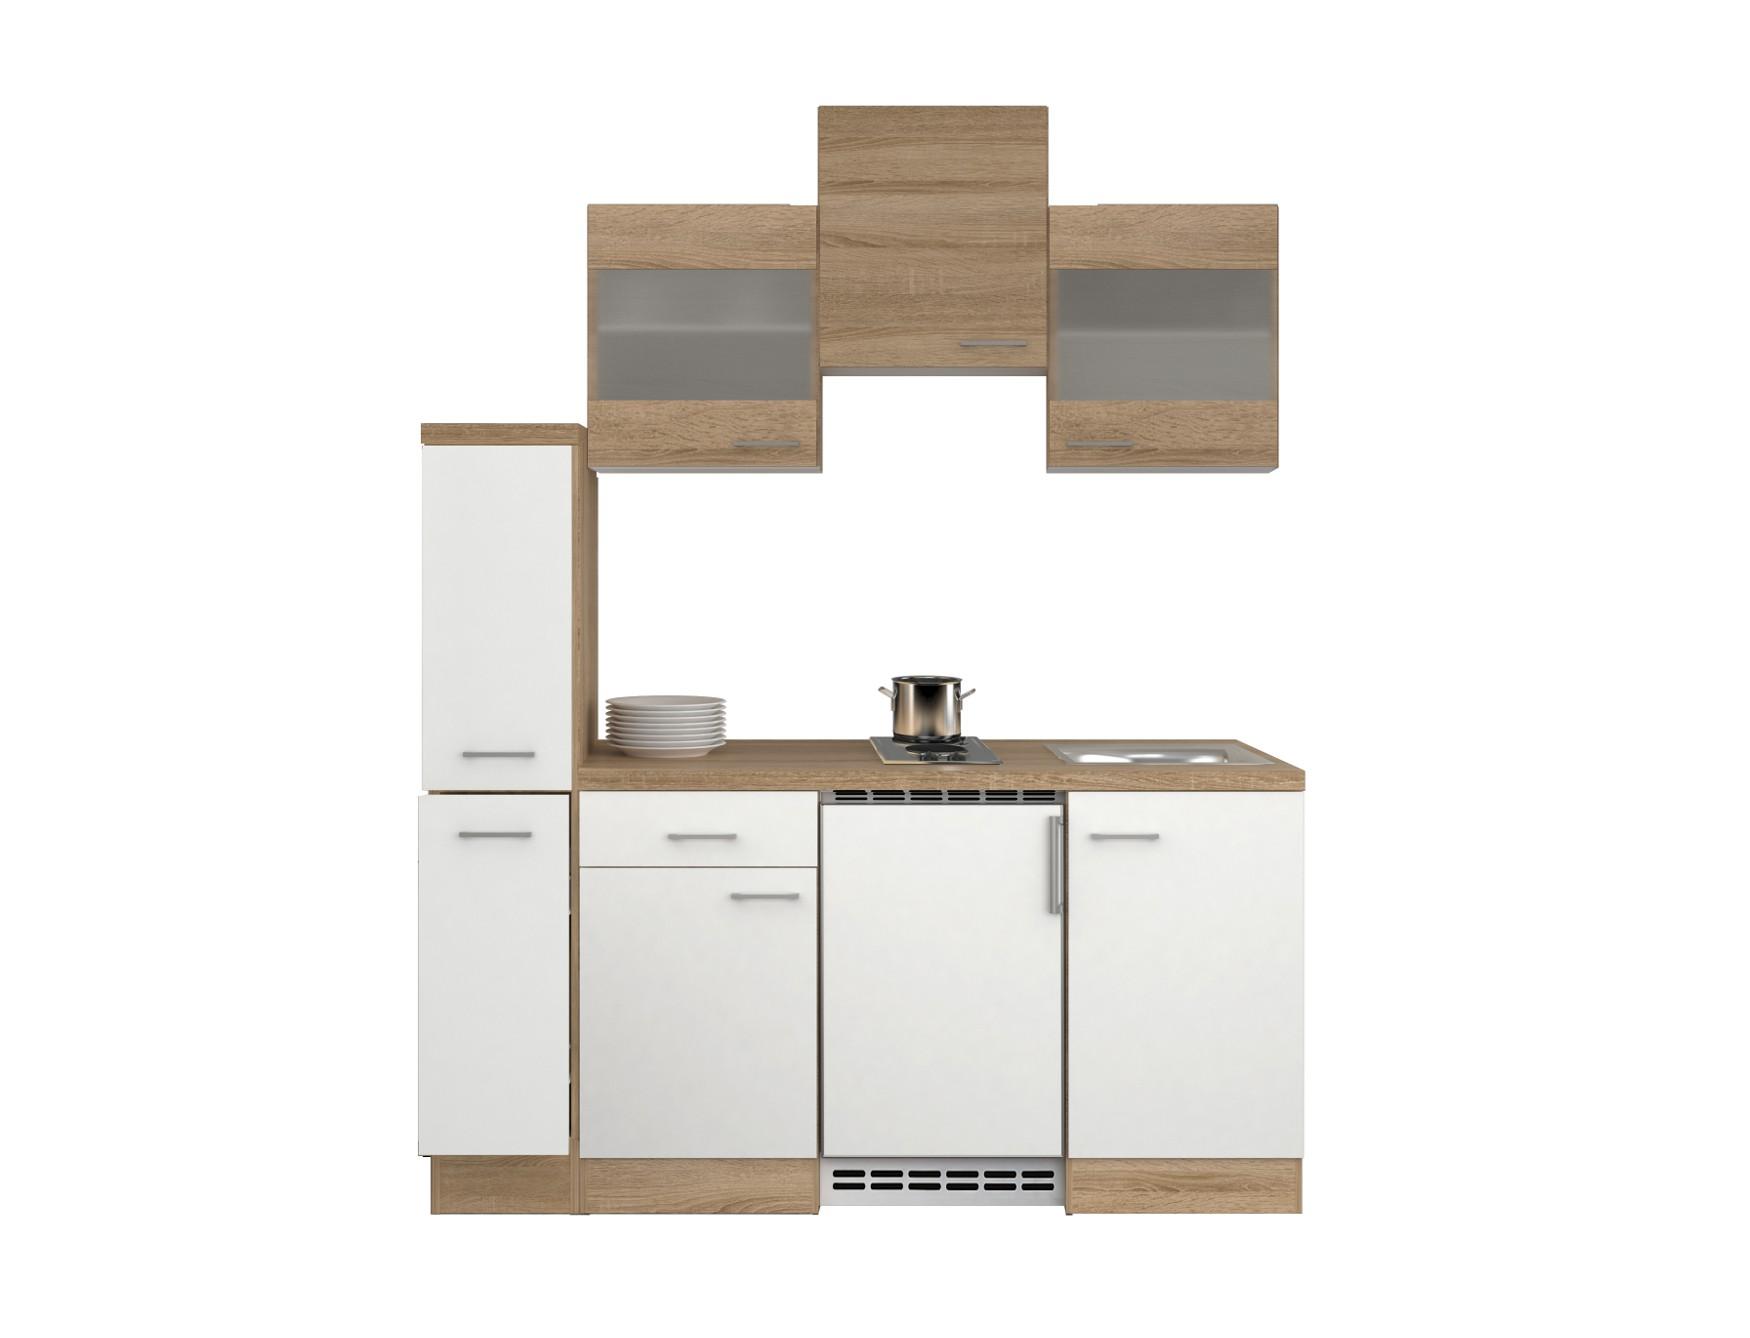 singlek che rom mit 2 glash ngeschr nken breite 180 cm wei k che singlek chen. Black Bedroom Furniture Sets. Home Design Ideas